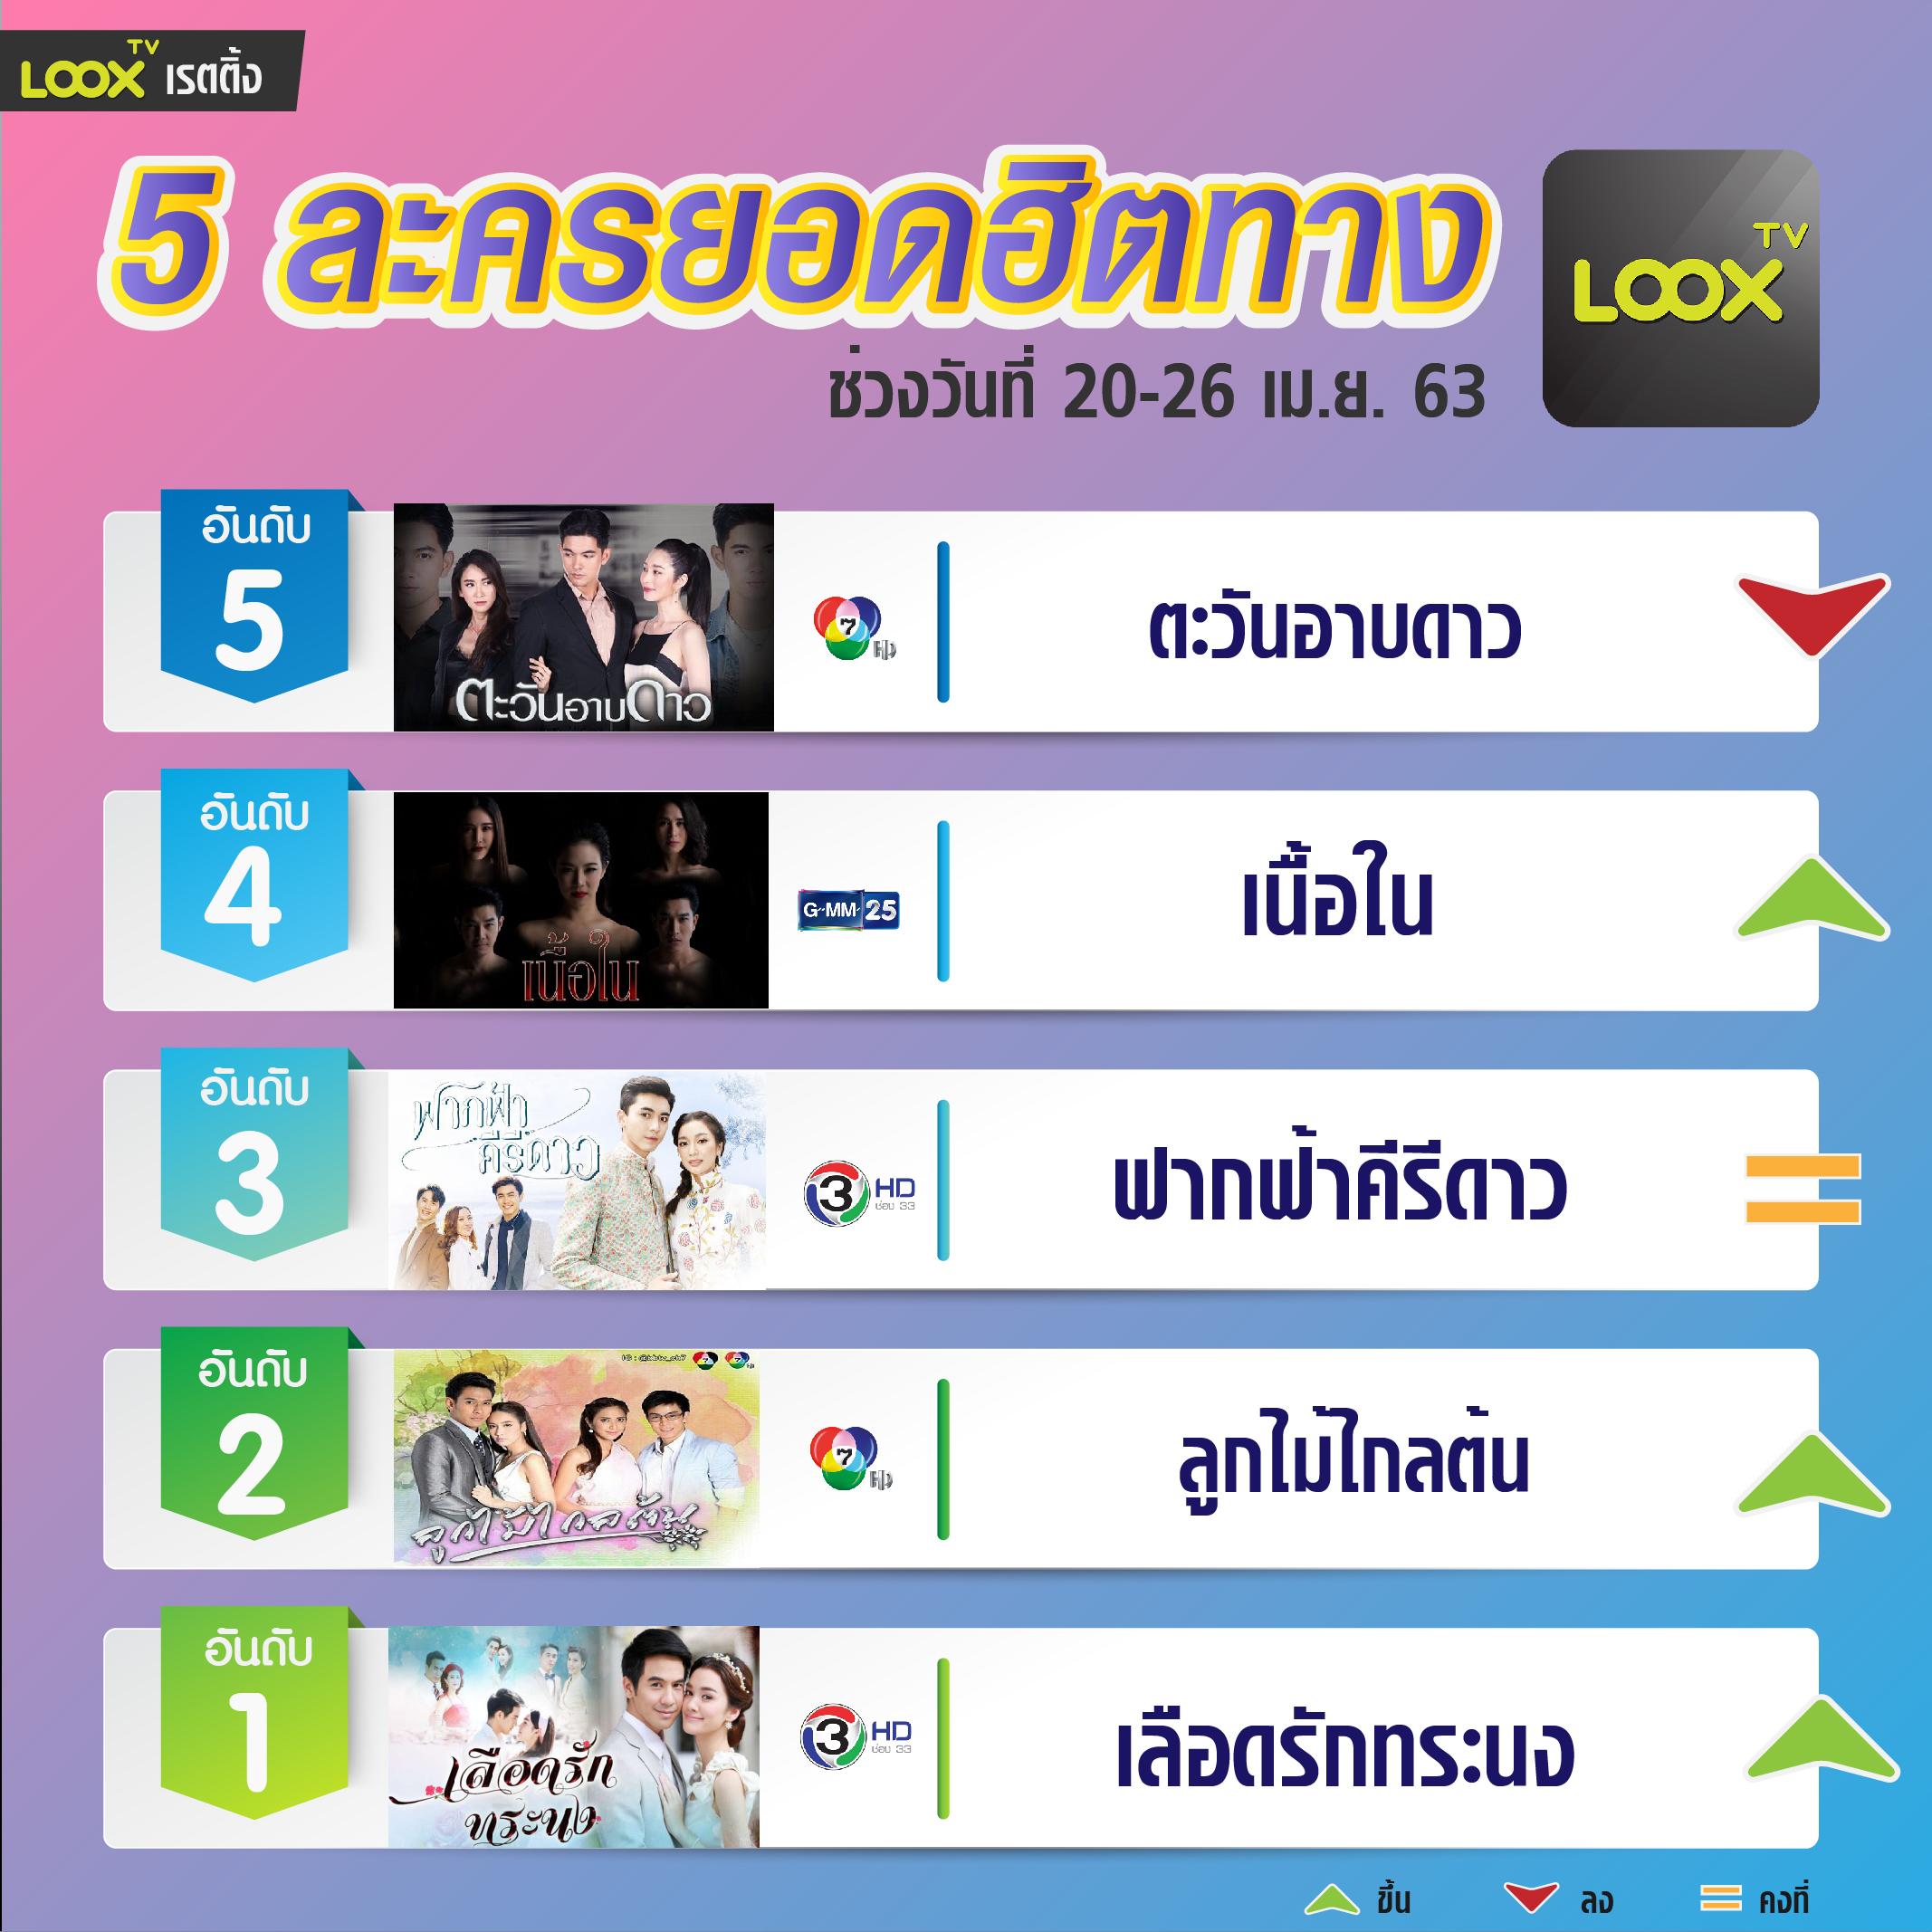 5 อันดับฮอตฮิตบน  LOOX TV  วันที่ 20-26 เม.ย.63